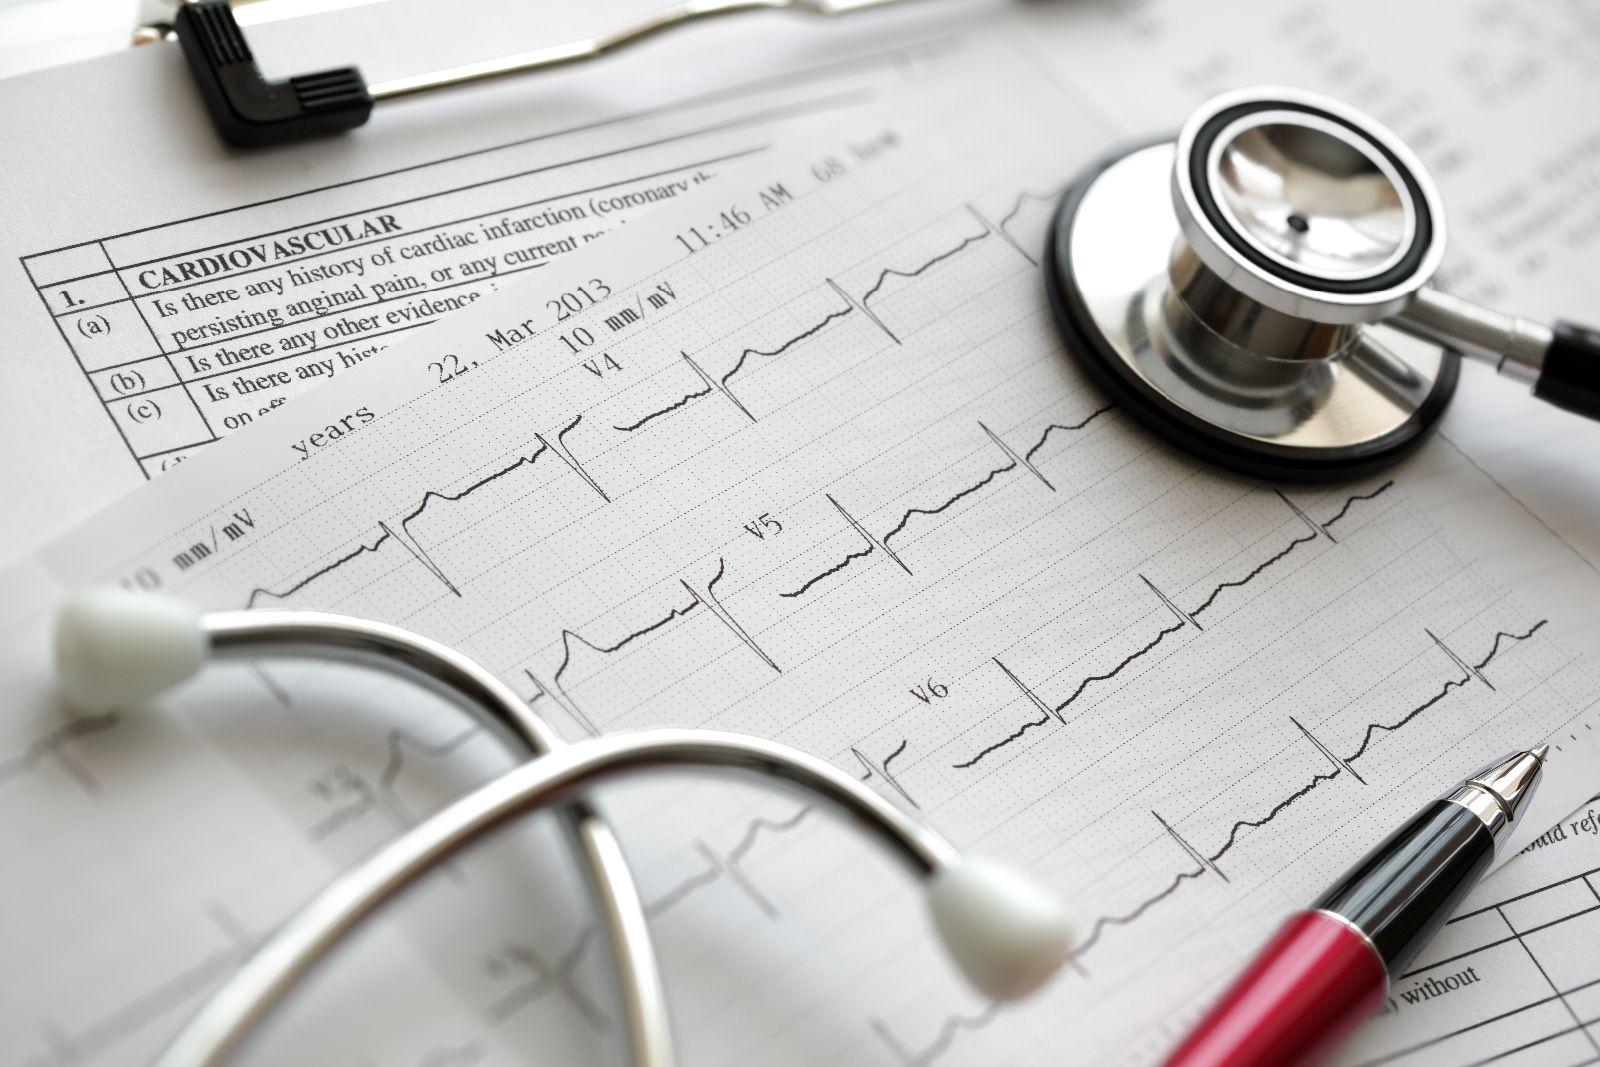 Estetoscopio y pluma sobre papeles con electrocardiograma y en otro papel la palabra cardiovascular impresa